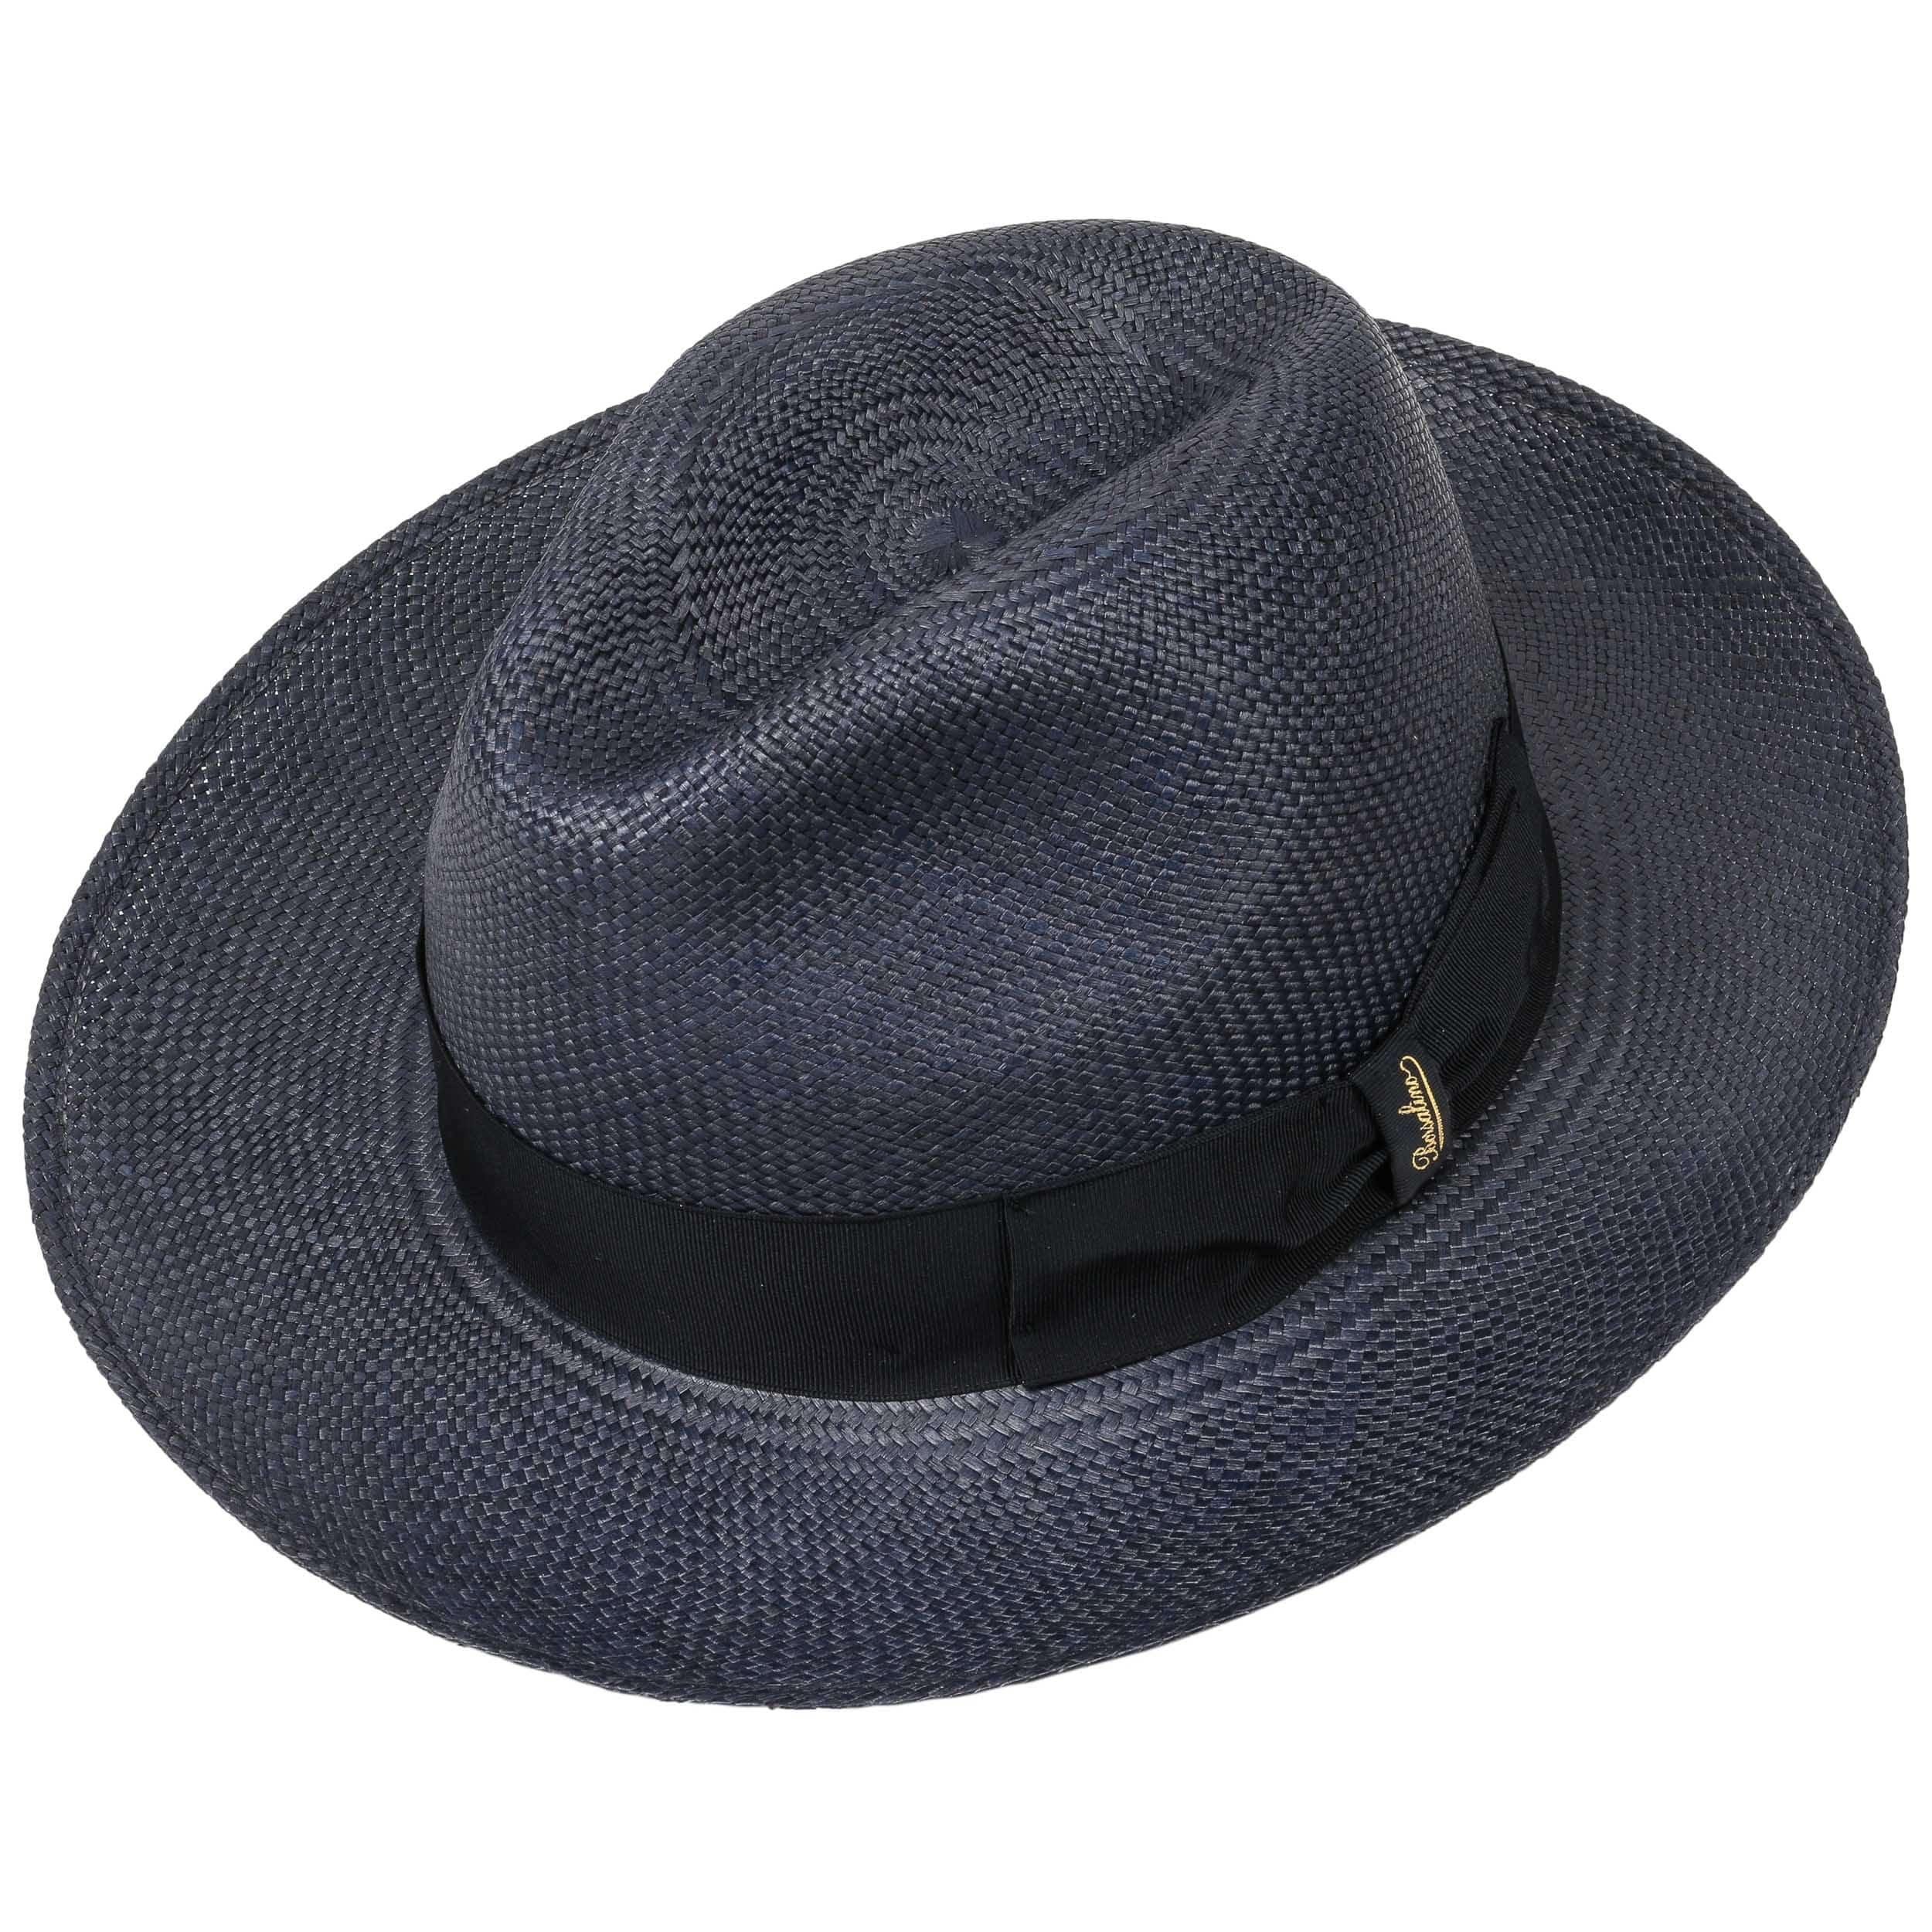 Sombrero Panamá Cuenca Blue by Borsalino - Sombreros - sombreroshop.es d6df0710d28